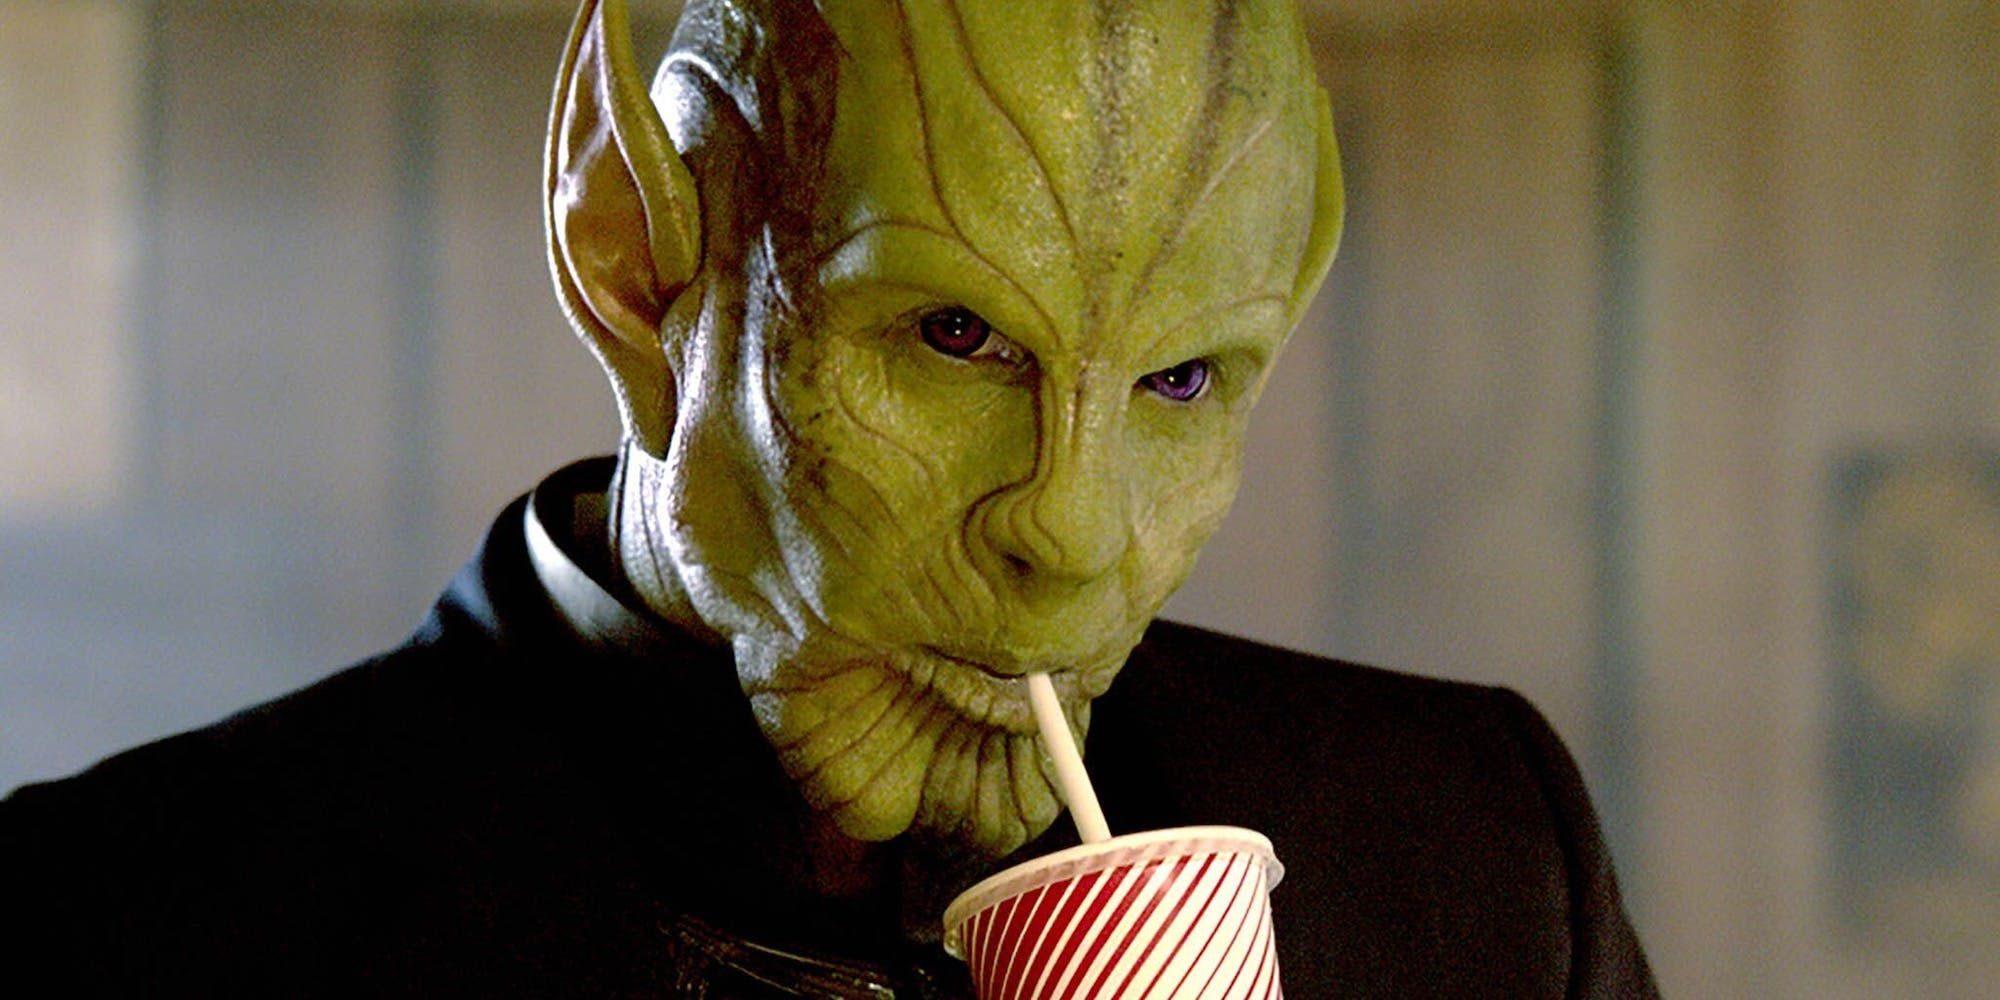 Captain Marvel Talos Skrull milkshake